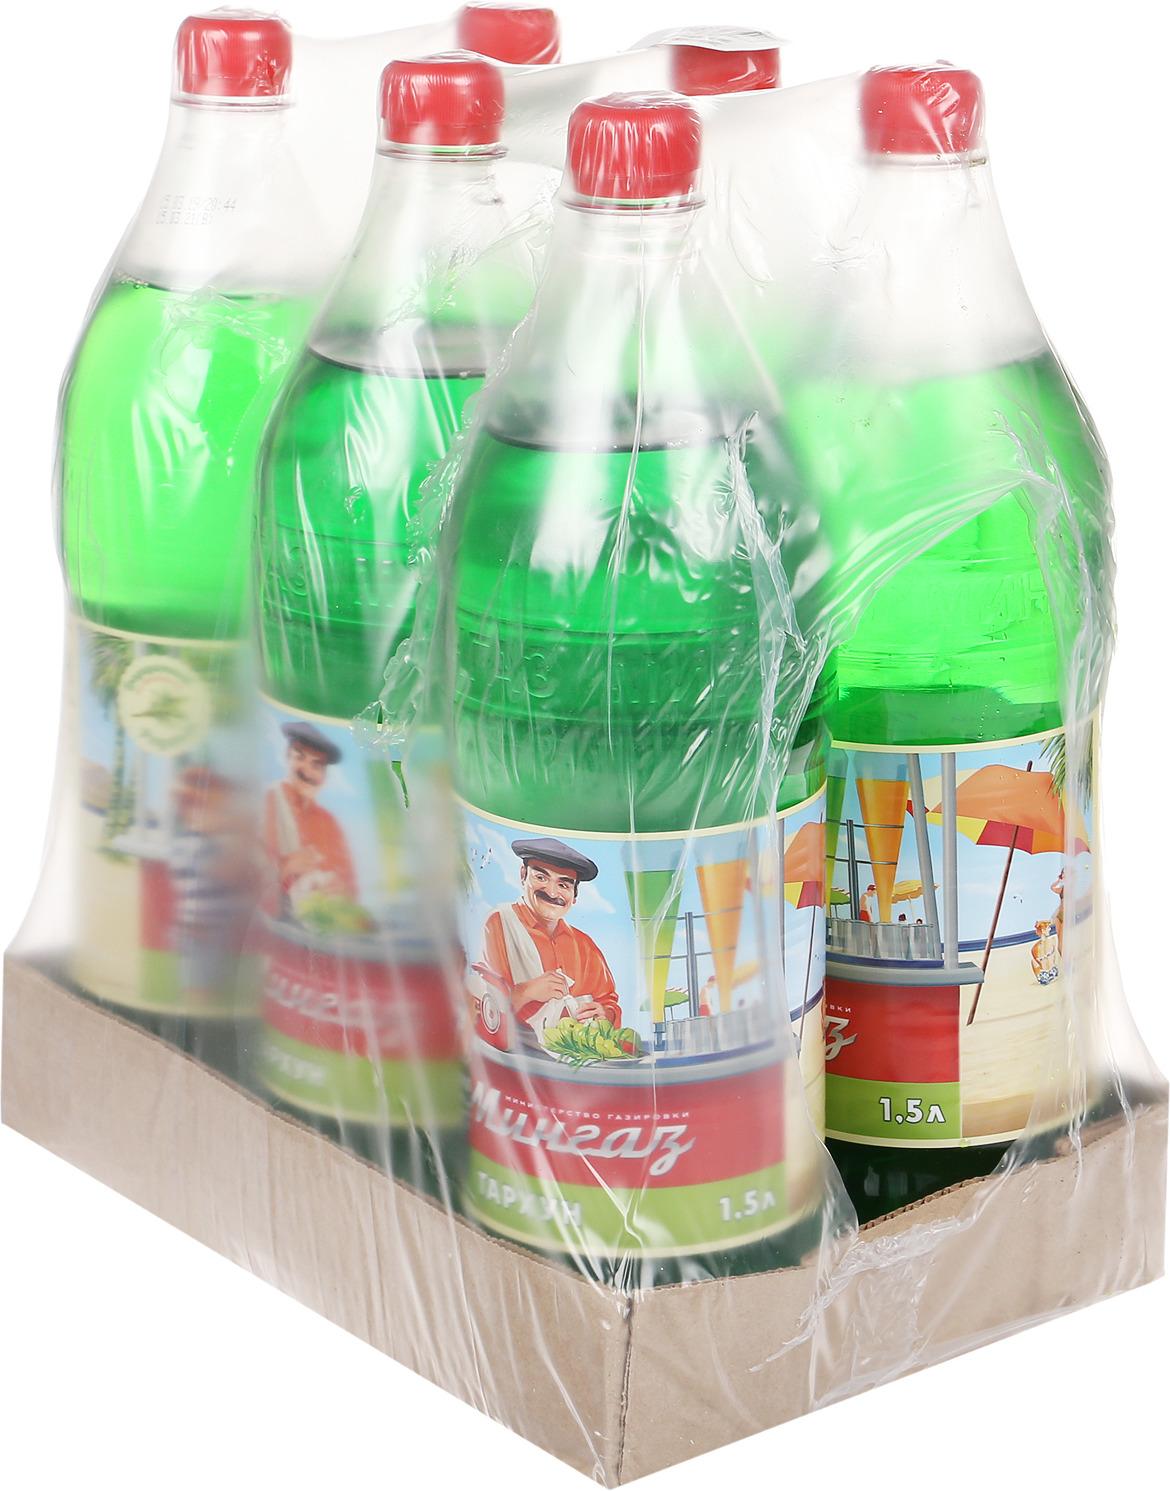 лимонад министерство газировки таежная сказка 6 шт по 1 5 л Лимонад Министерство Газировки Тархун, 6 шт по 1,5 л